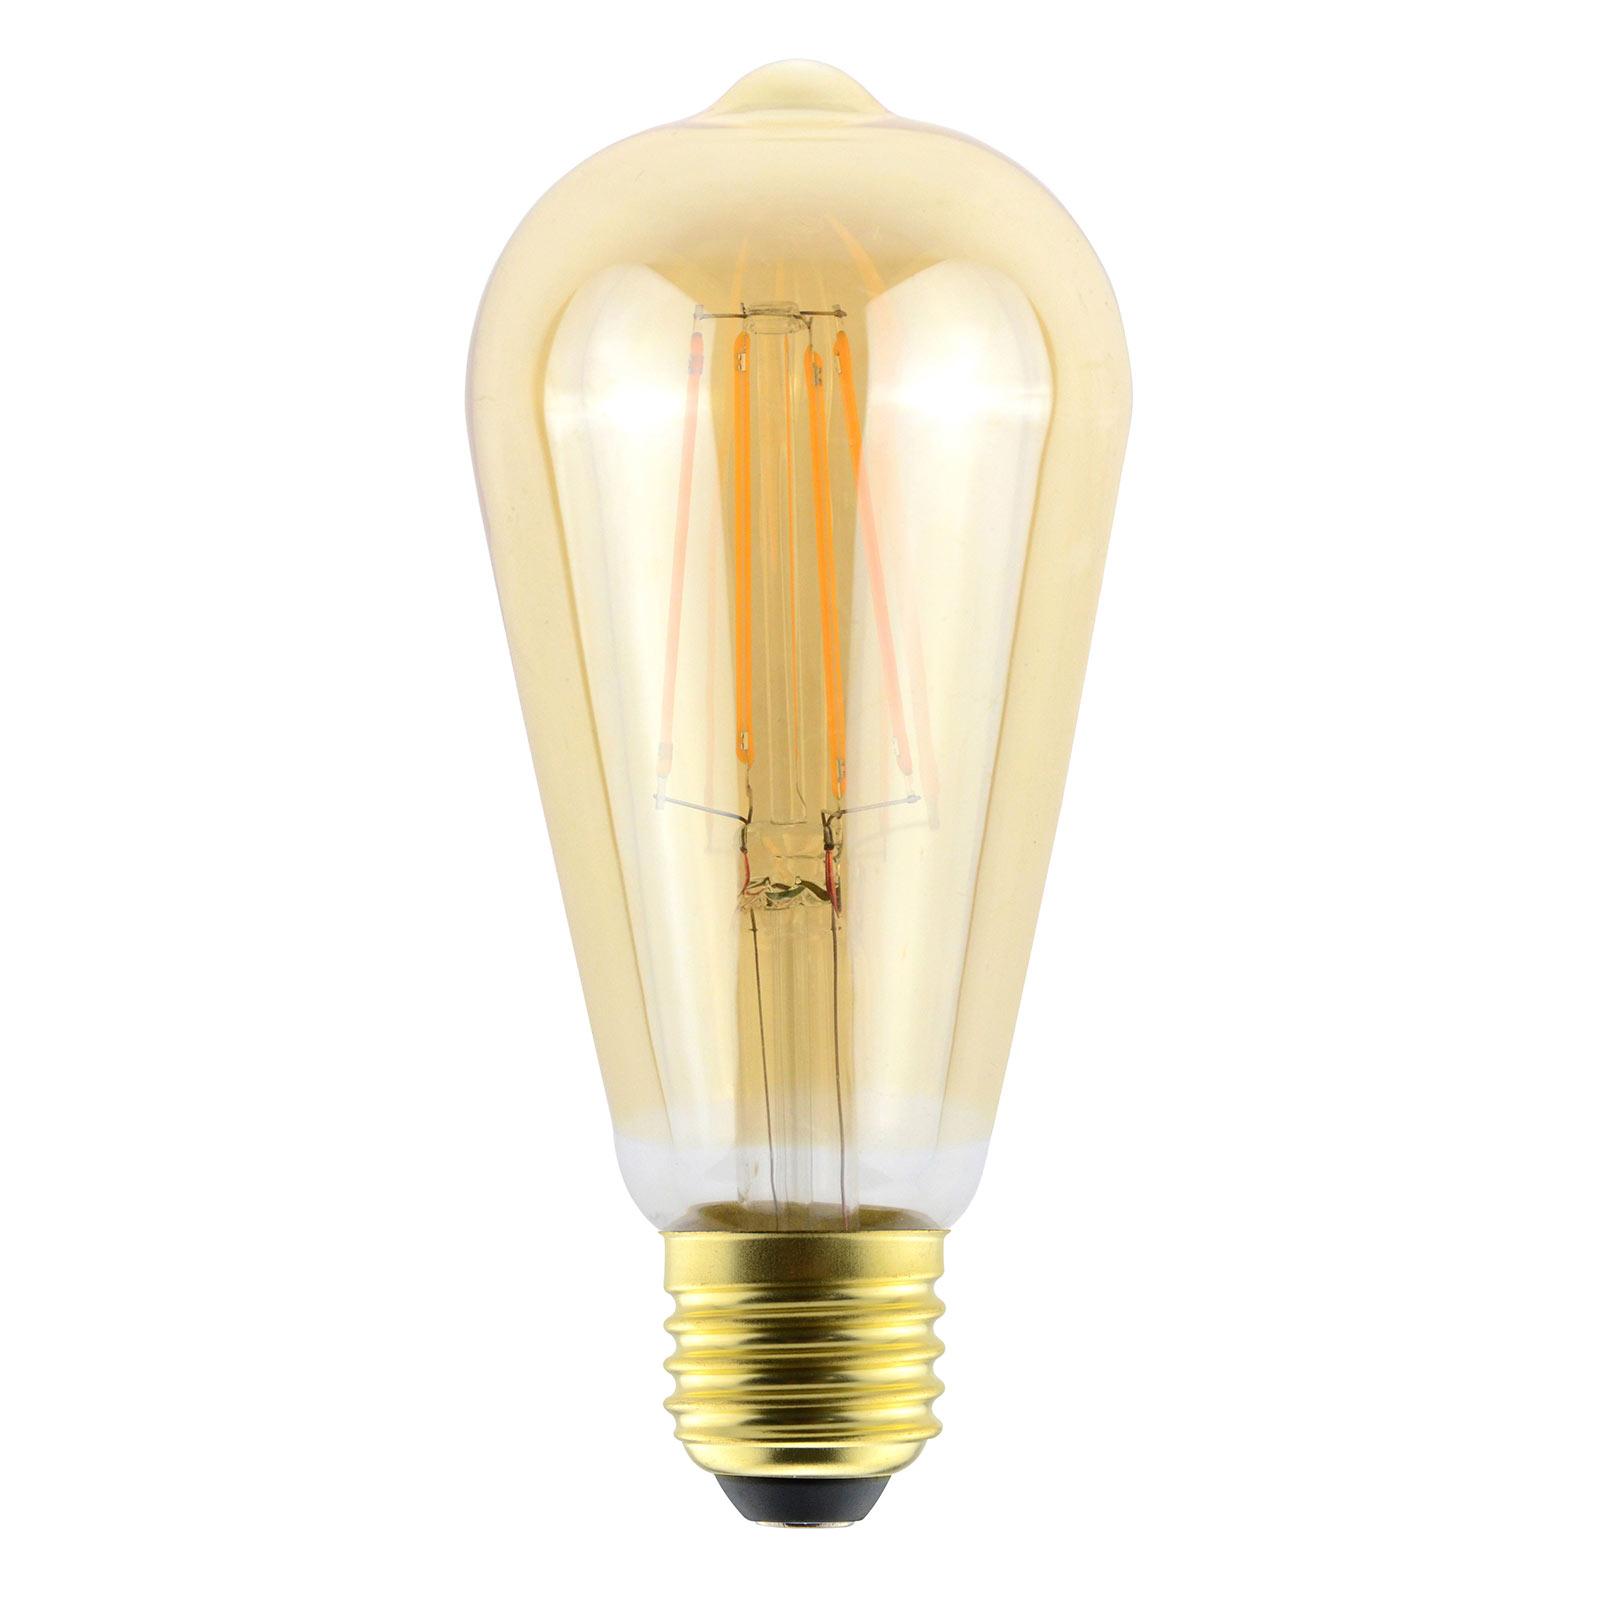 ToLEDo RT LED-pære E27 ST64 6W 825, guld, dæmpes